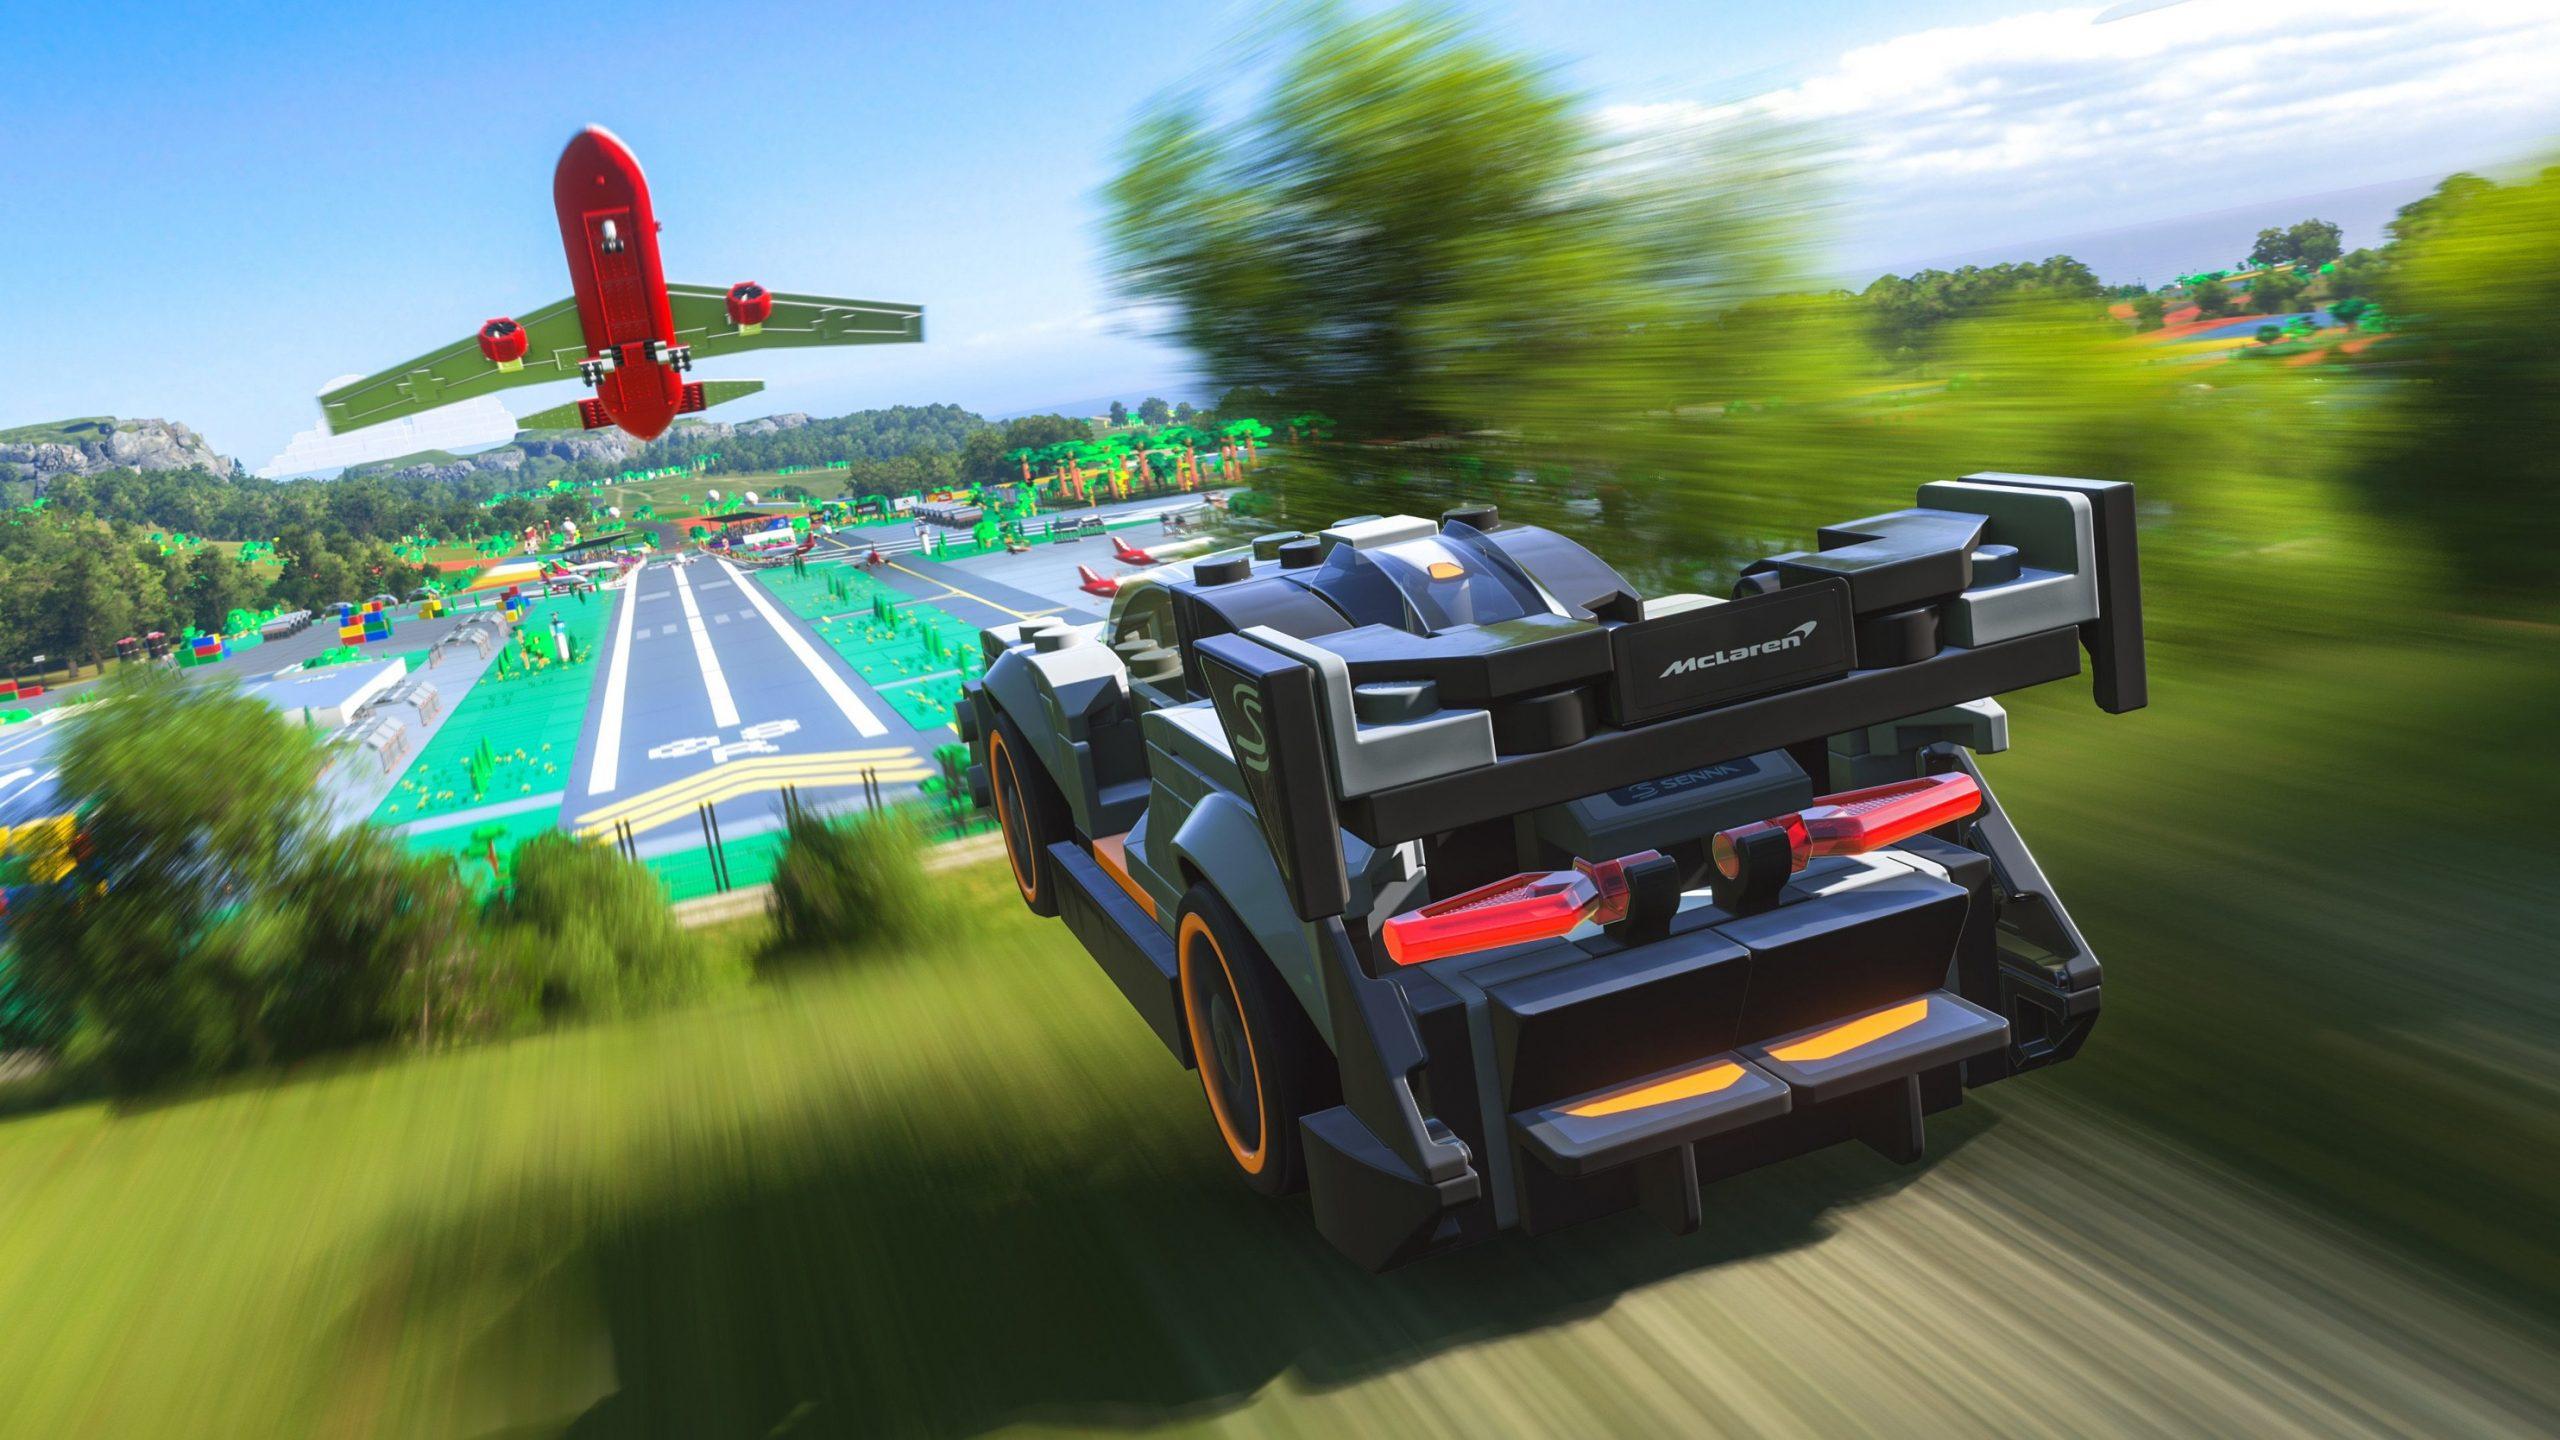 Test] : Forza Horizon 4: Lego Speed Champions – Une serapportantà Casse Brique En Ligne